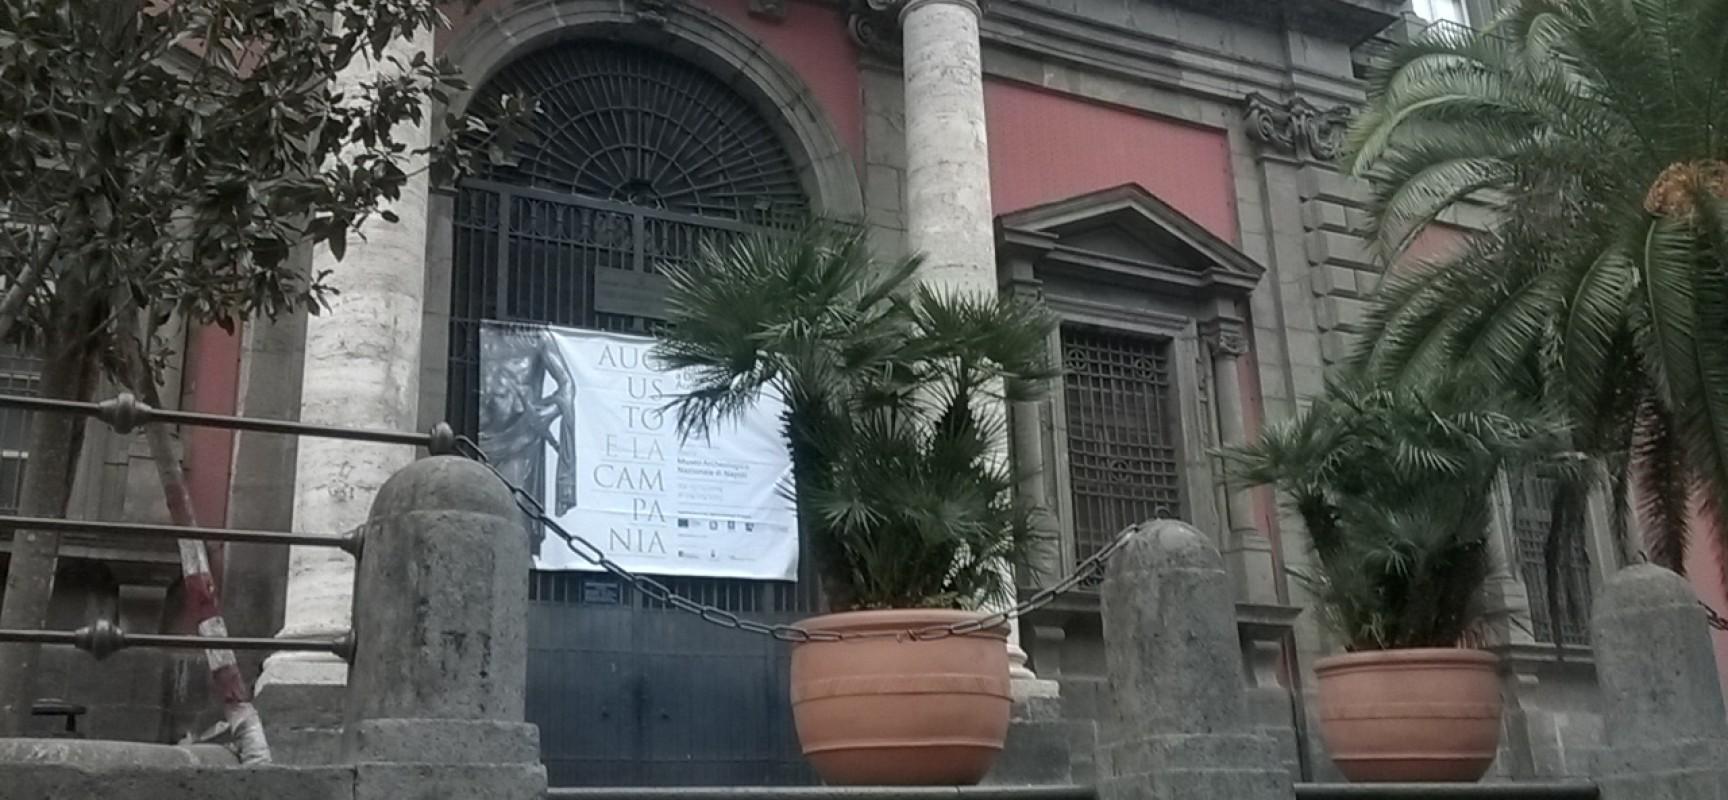 Italia cerca manager all'estero per 20 musei tra cui MAN, Capodimonte e Reggia Caserta